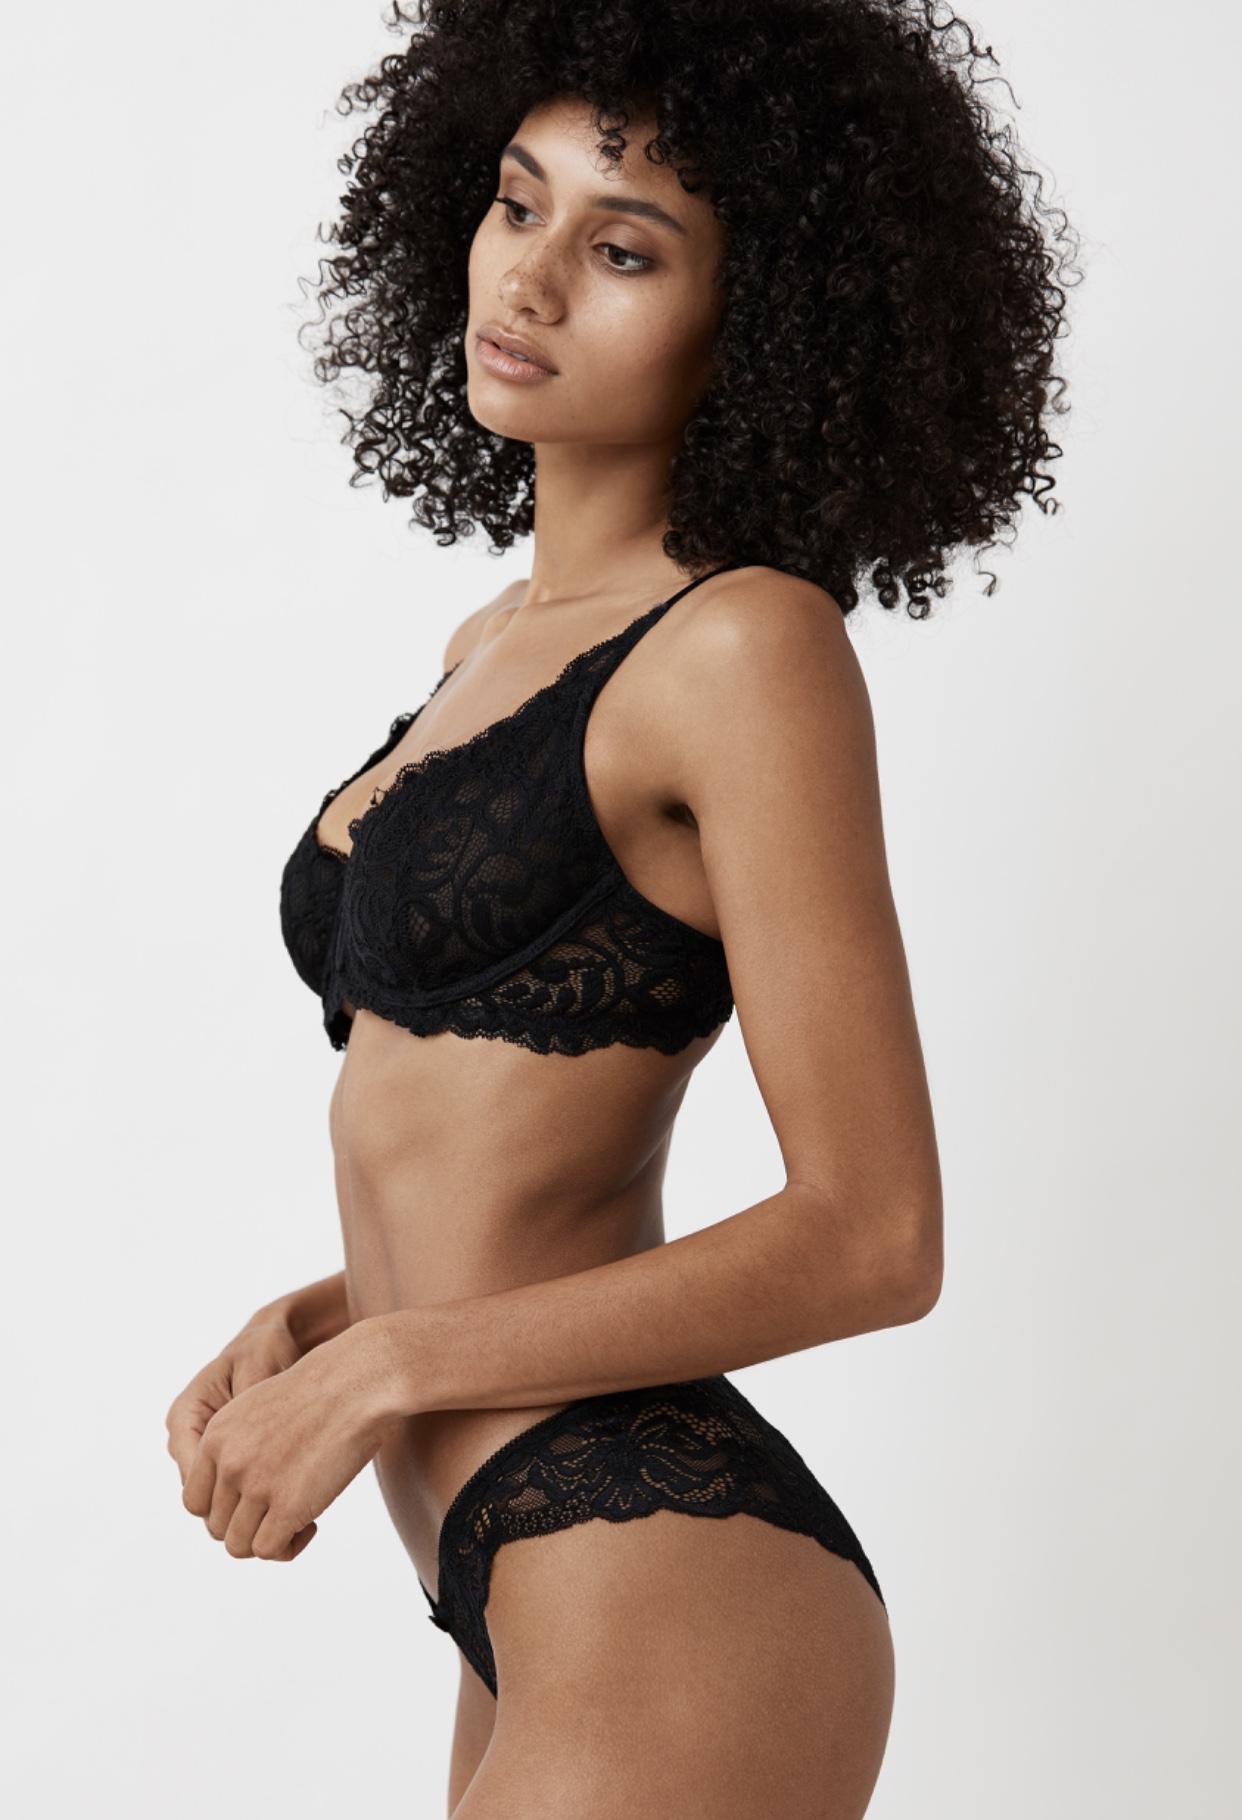 Photographer: Shintani   Model: Sarah Elaina